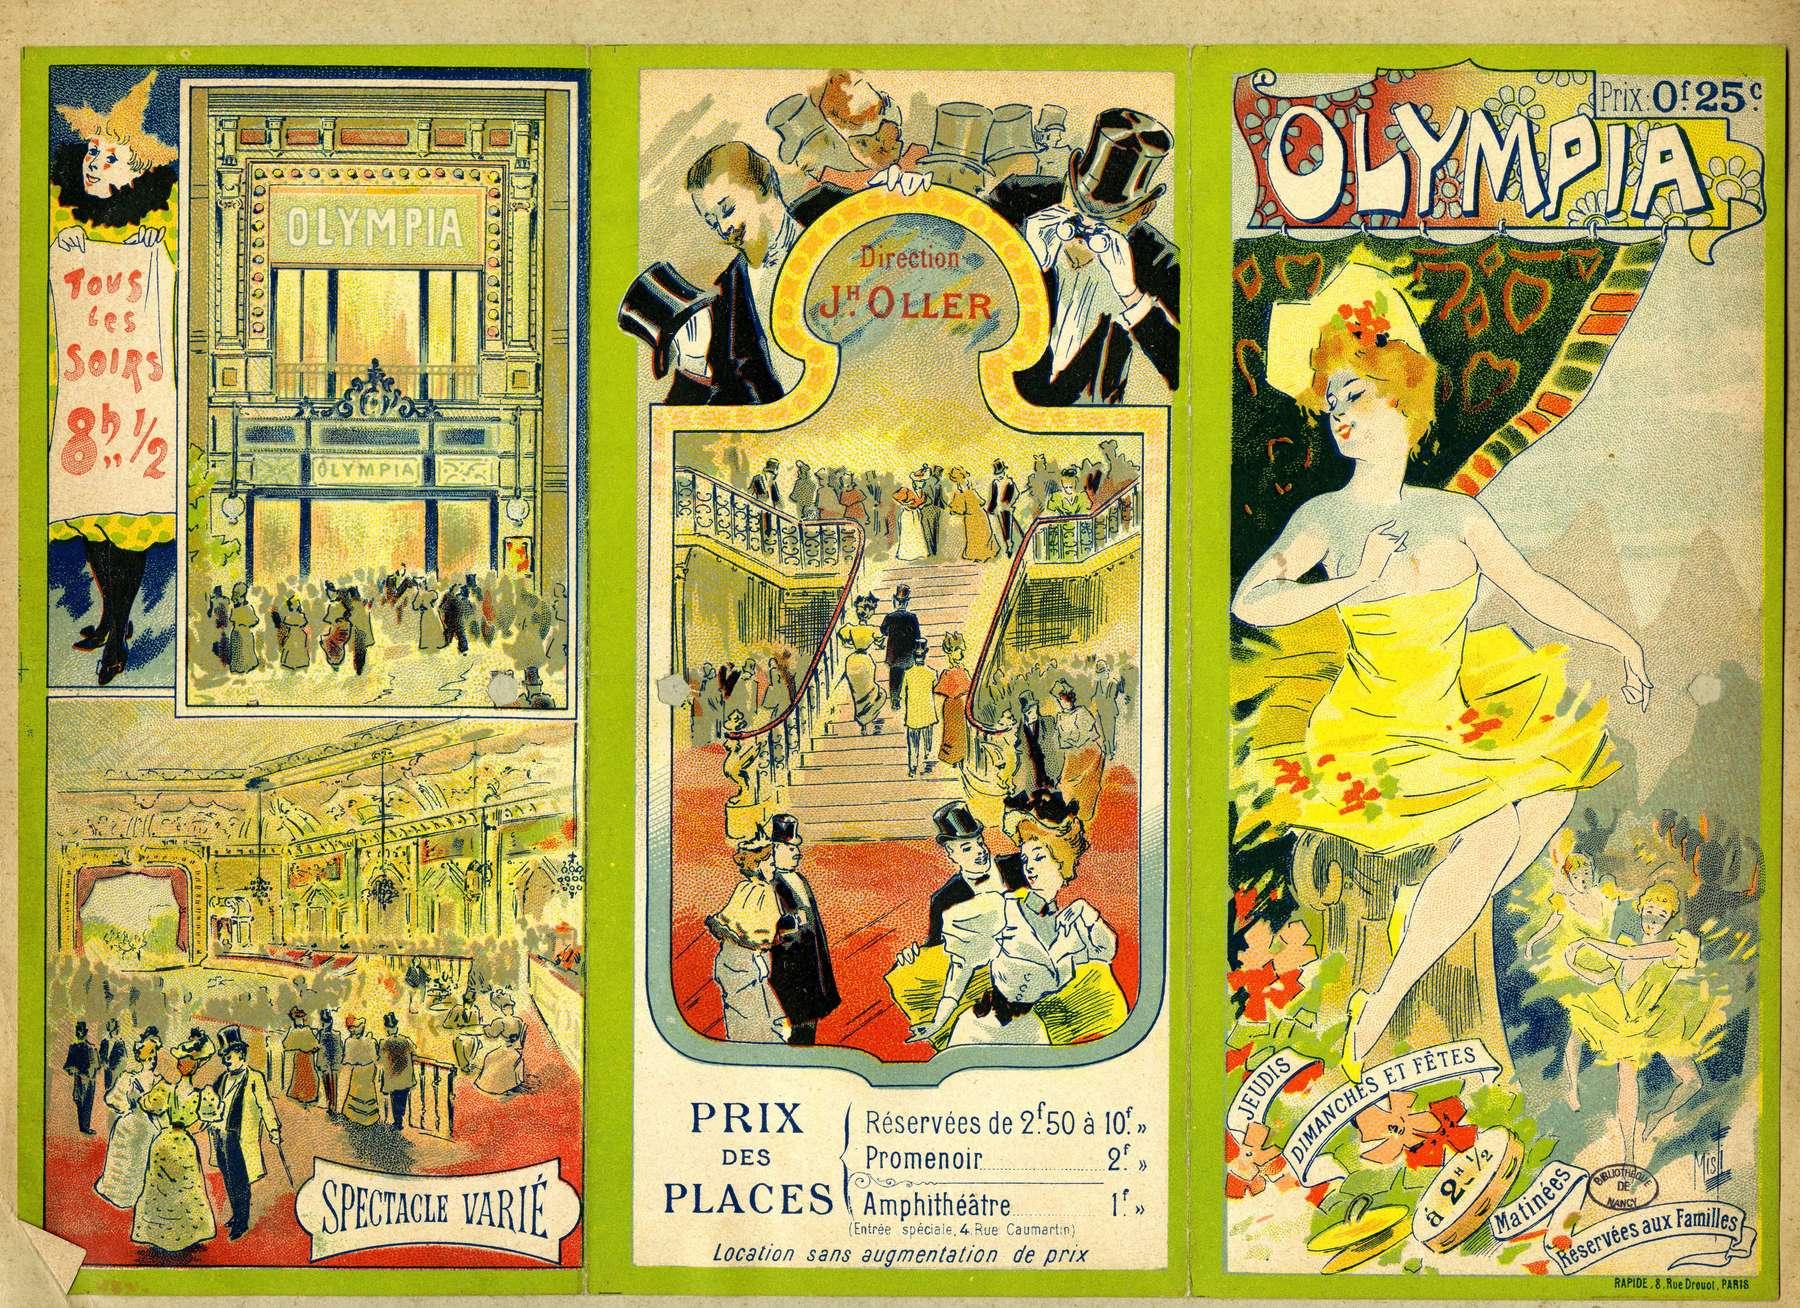 Contenu du L'Olympia